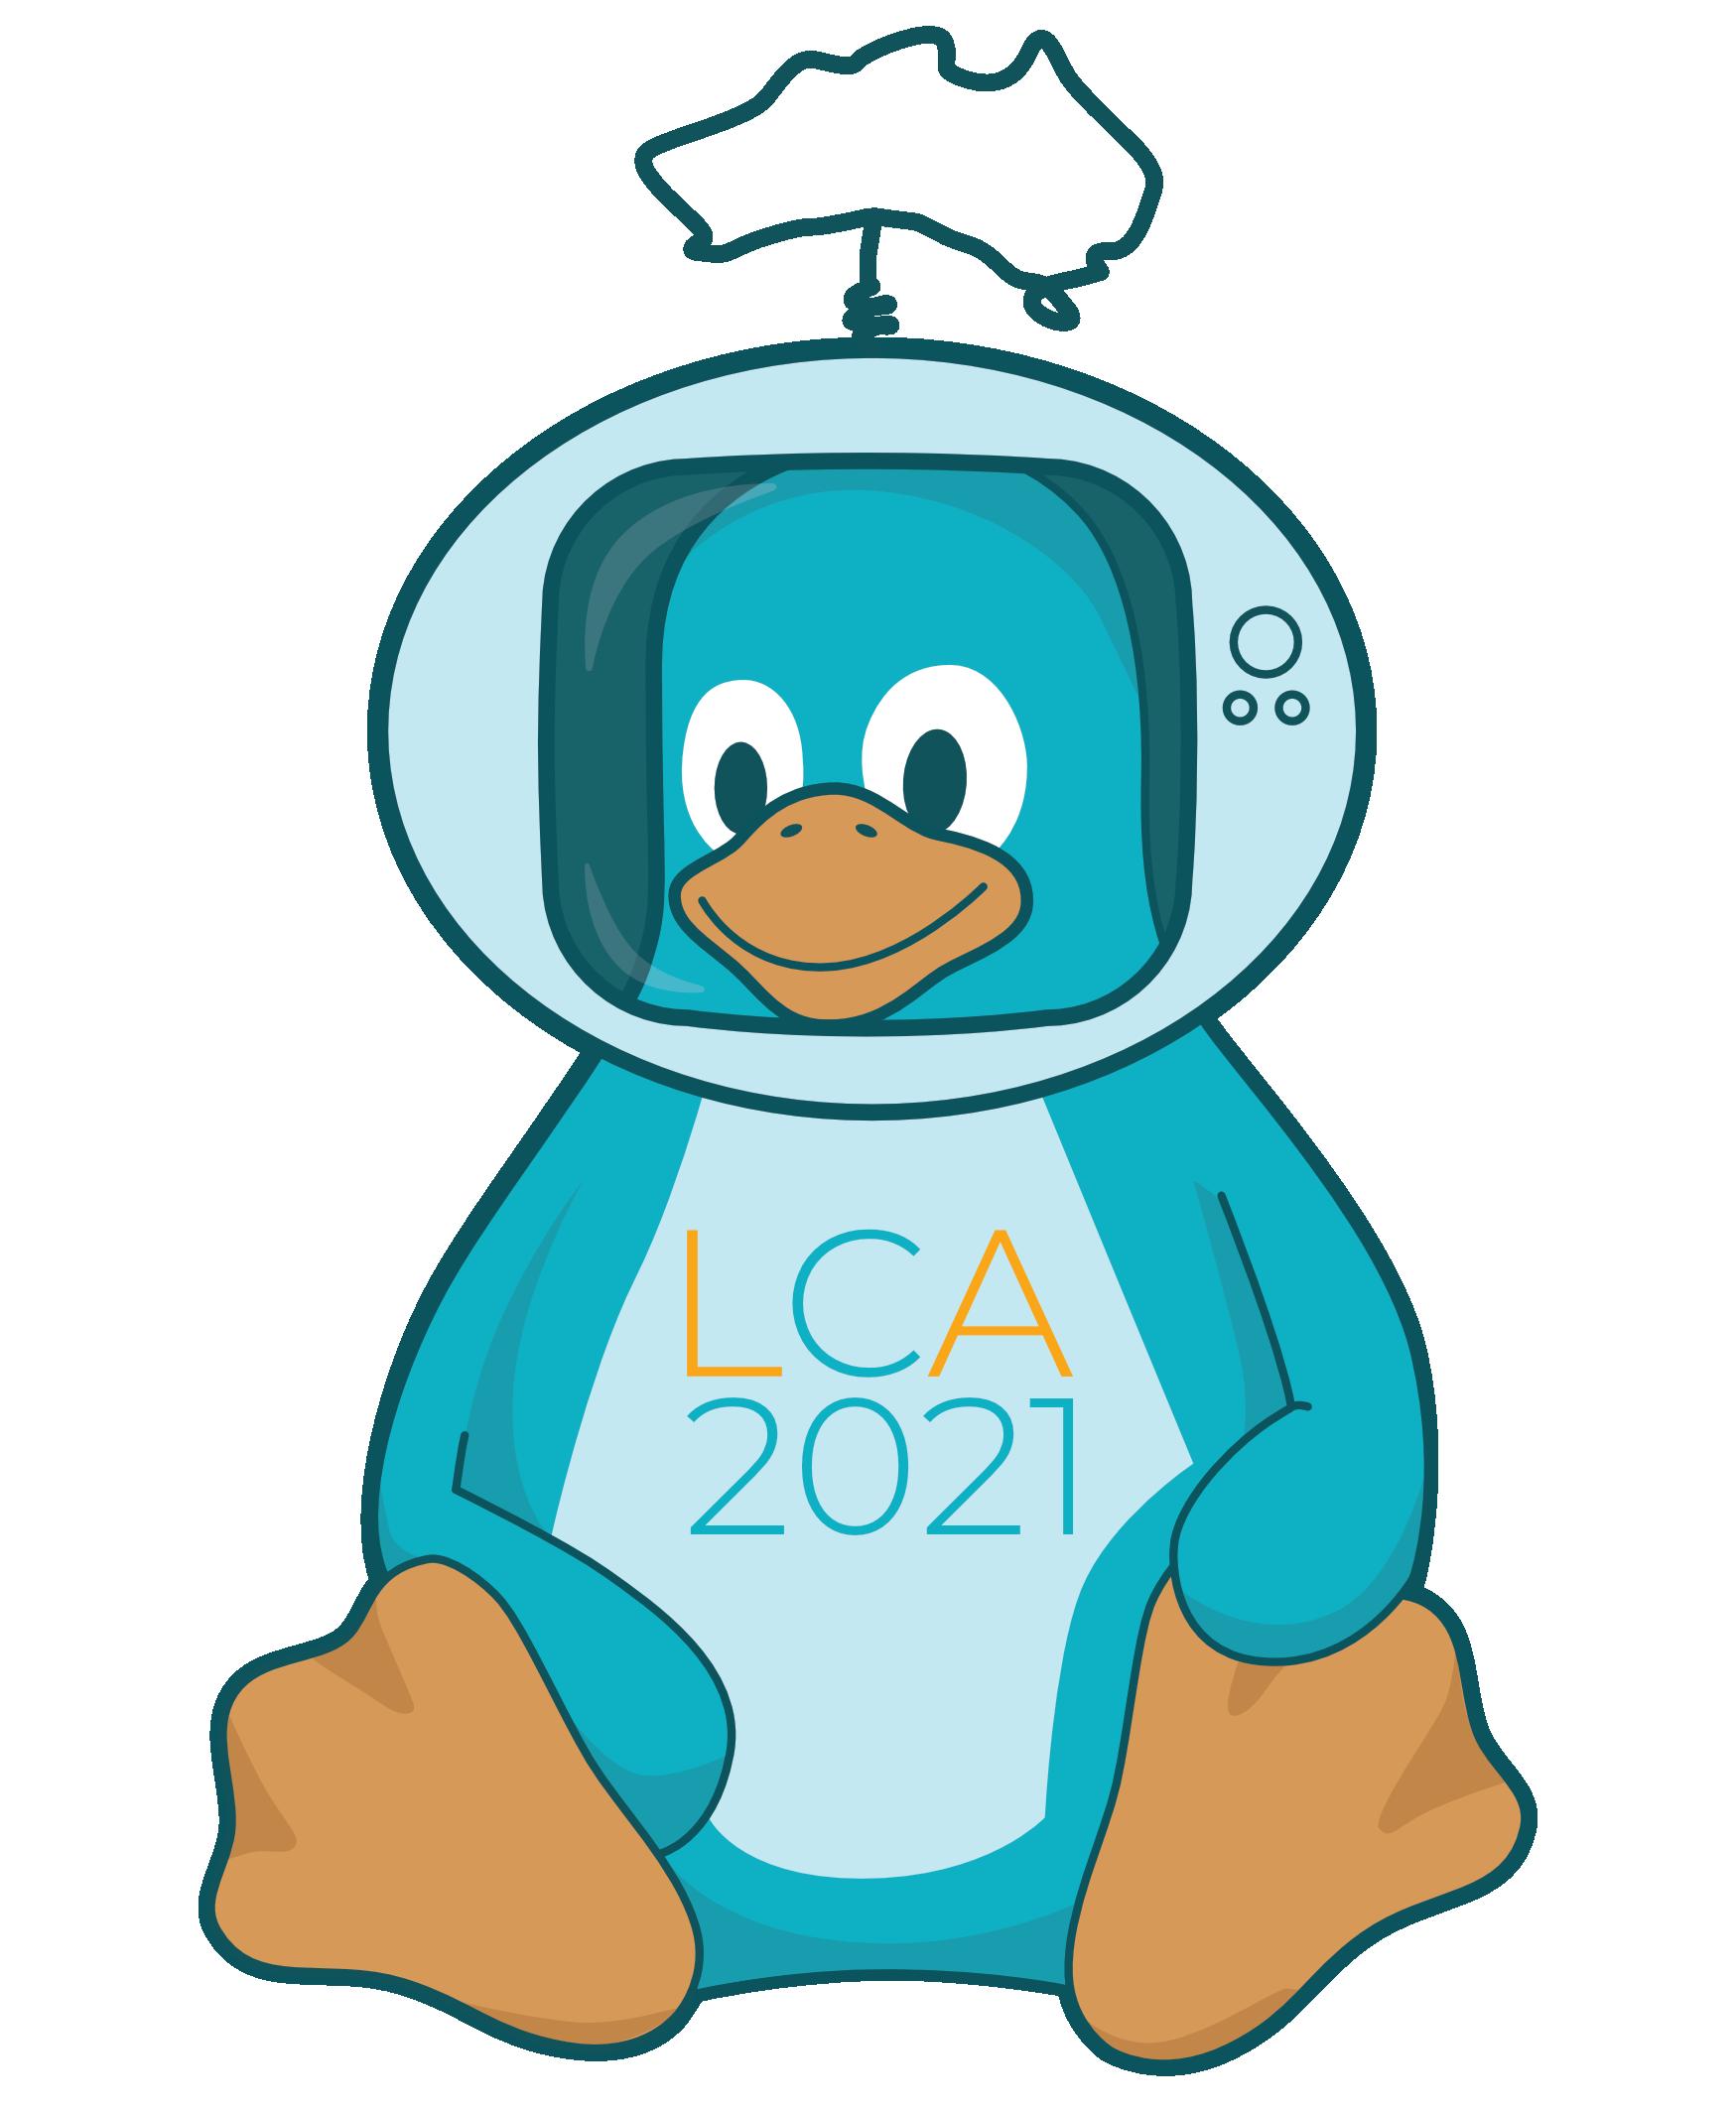 lca2021 tux